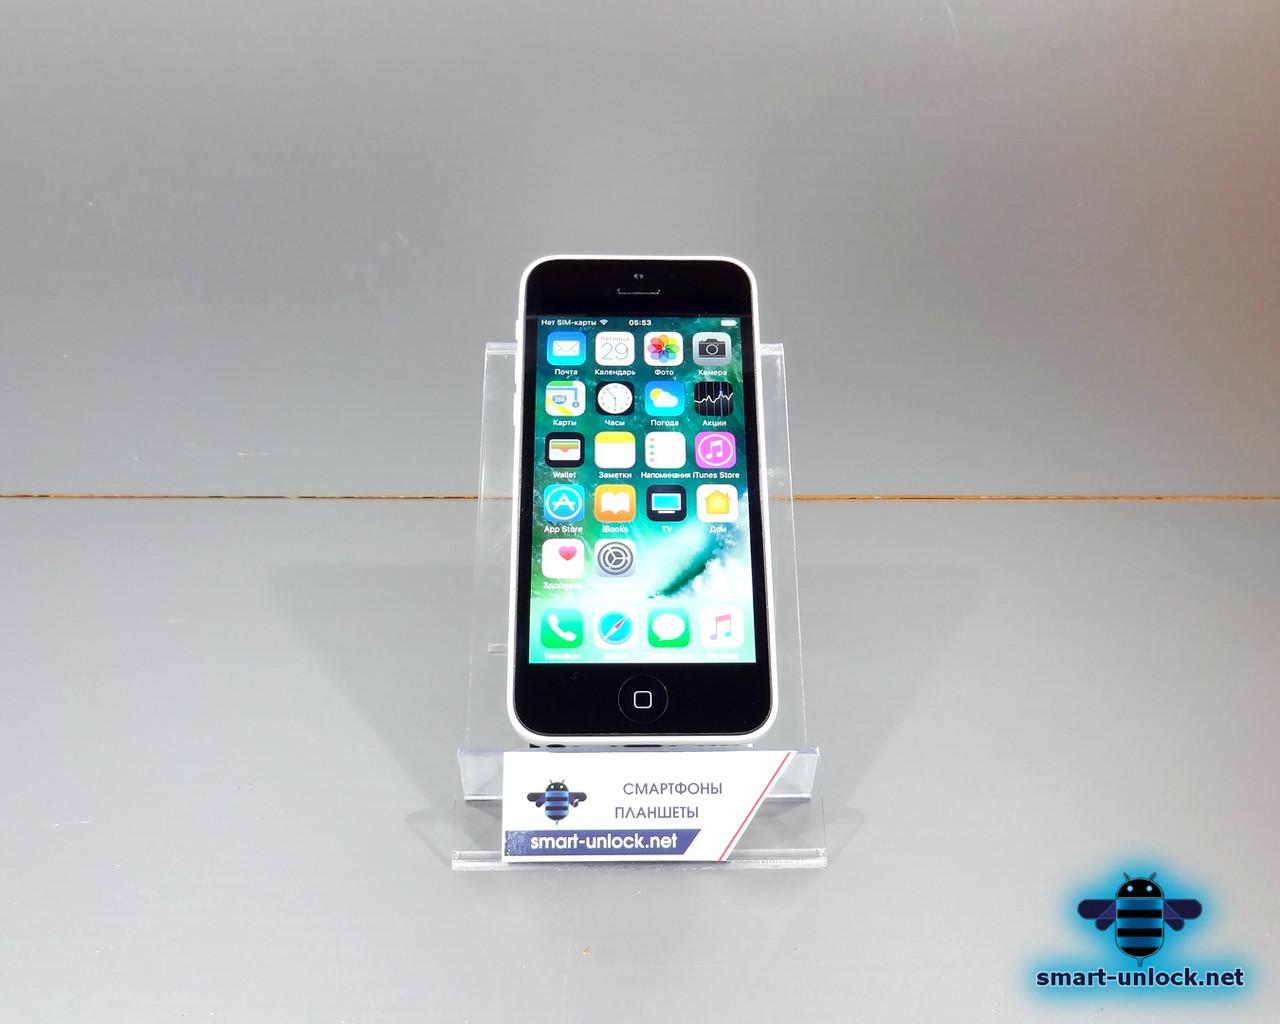 Телефон, смартфон Apple iPhone 5c 8gb Neverlock Покупка без риска, гарантия!